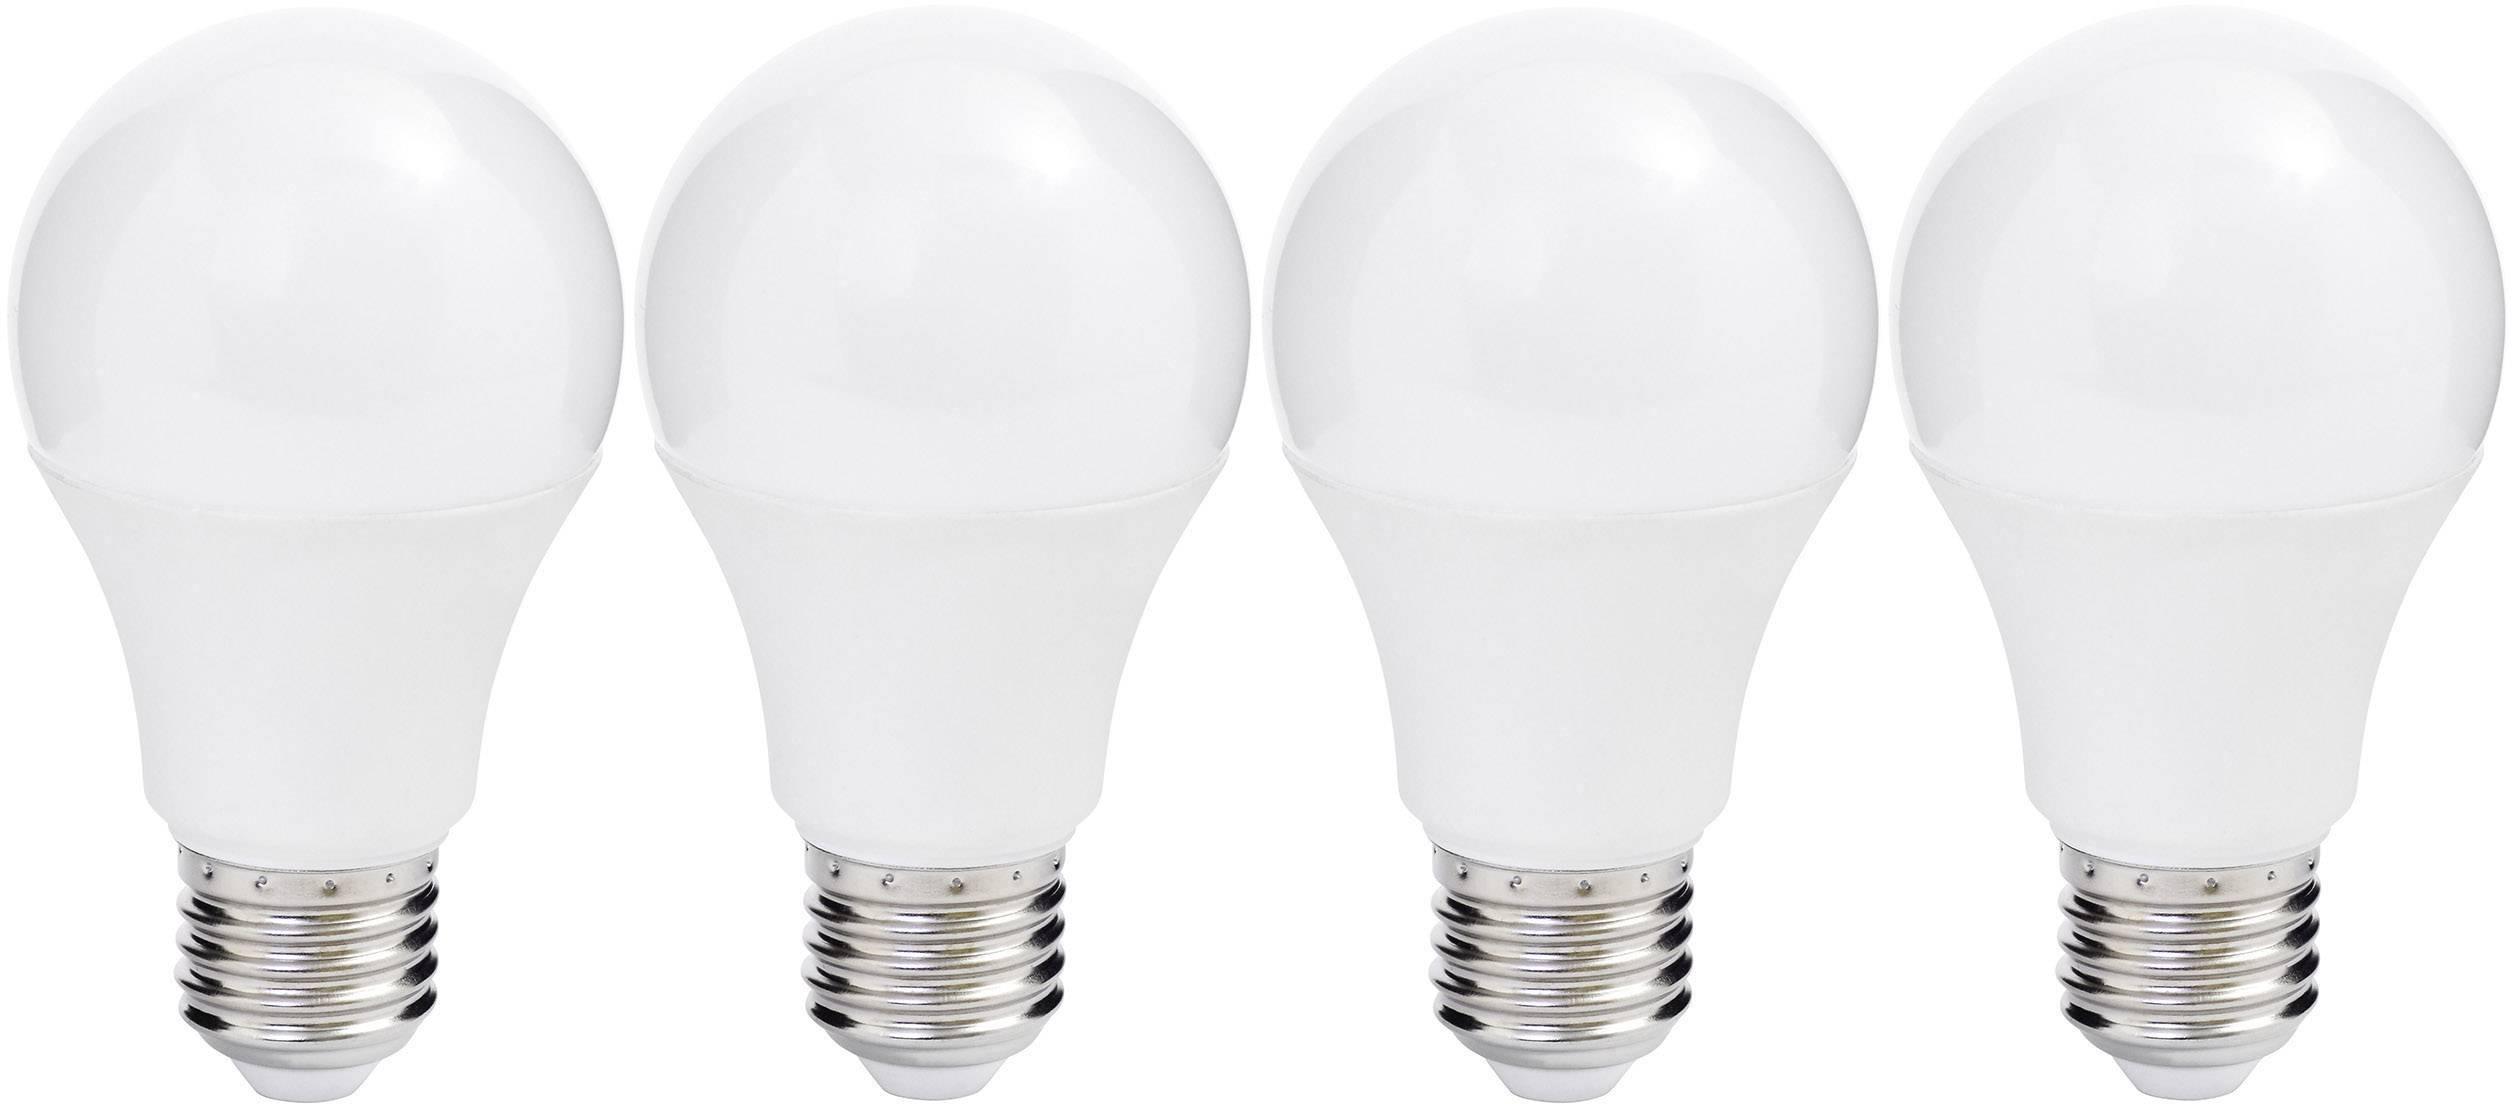 LED žárovka Müller Licht 400255 230 V, E27, 10 W = 60 W, 109 mm, teplá bílá, A+ (A++ - E), 4 ks